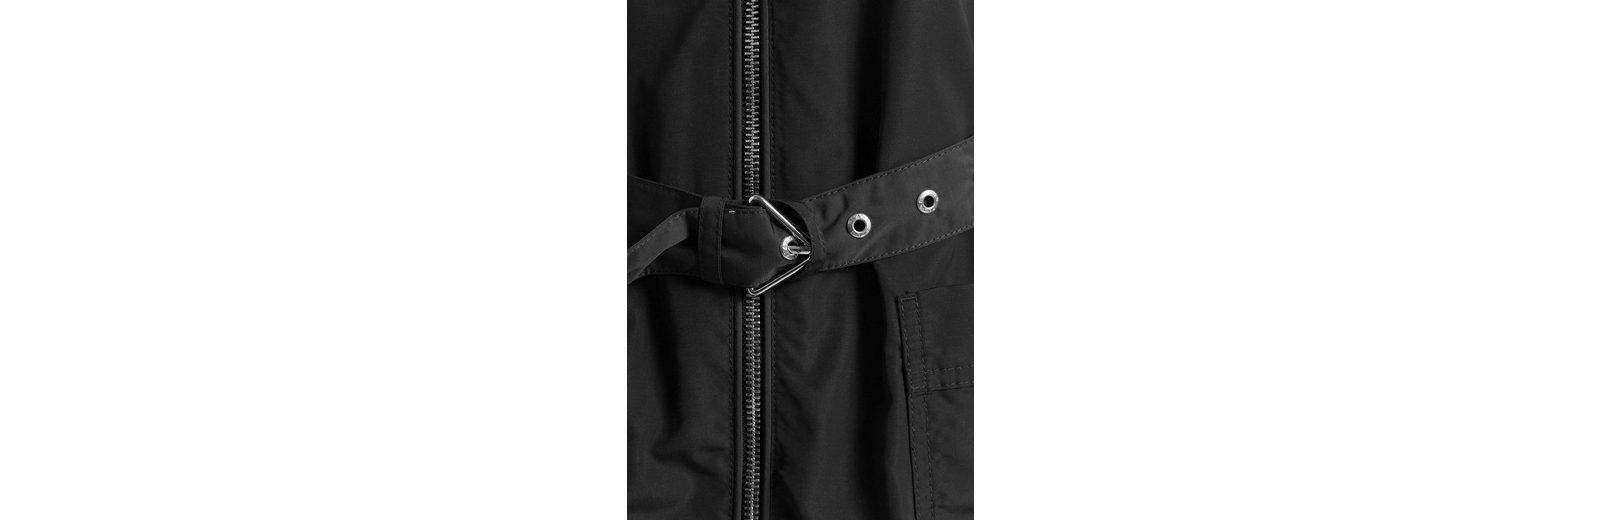 Finn Flare Regenmantel mit asymmetrischer Form Großer Verkauf Zum Verkauf sw4W9dJOK